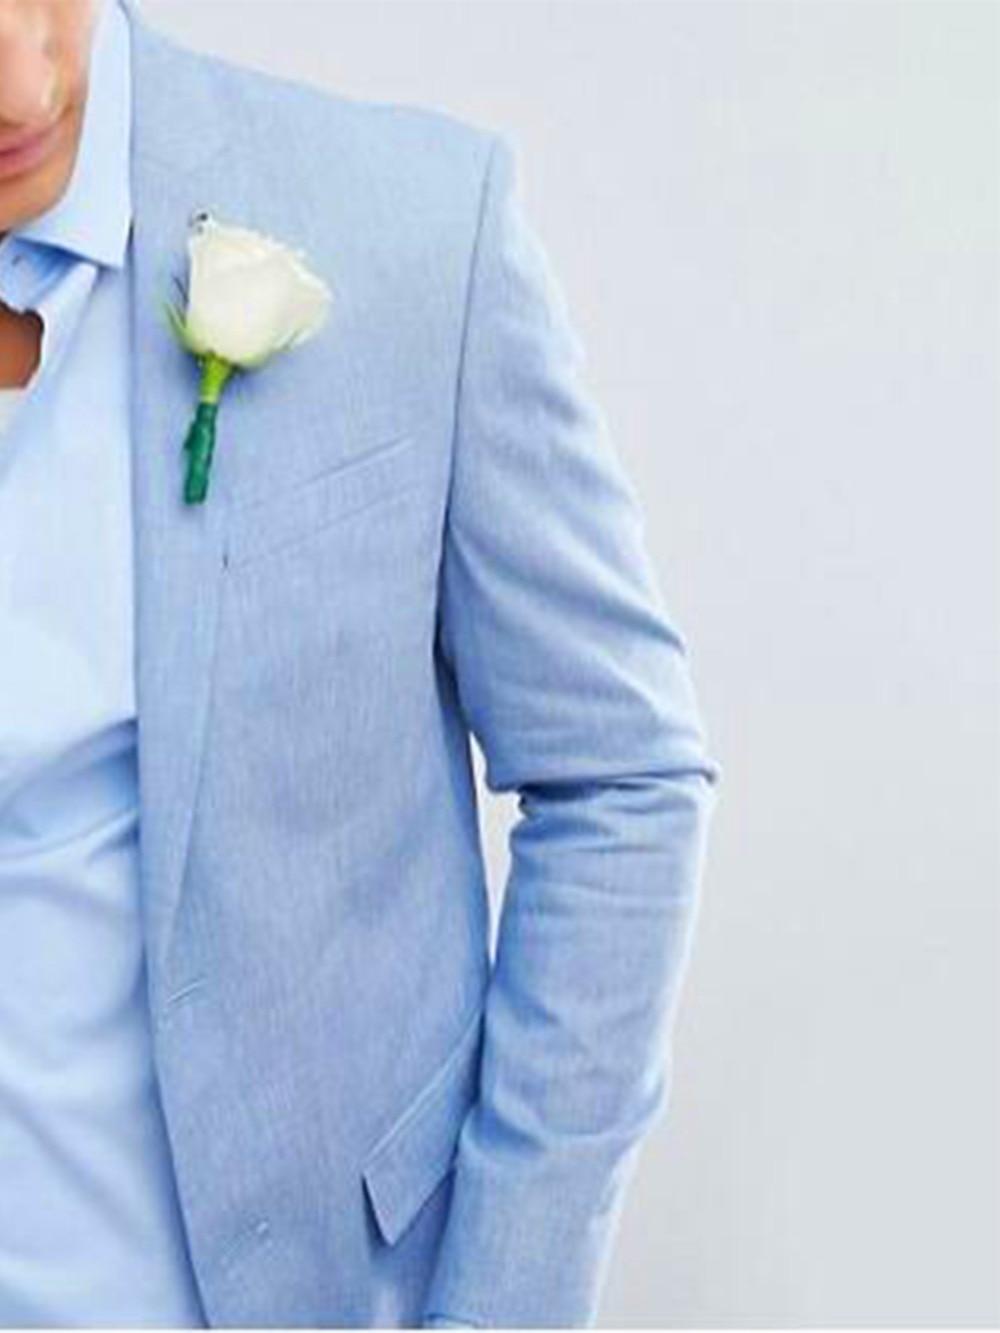 New arrival Custom Made Mens Suits Groomsmen Peak Lapel Groom Tuxedos Black Wedding Best Man Suit